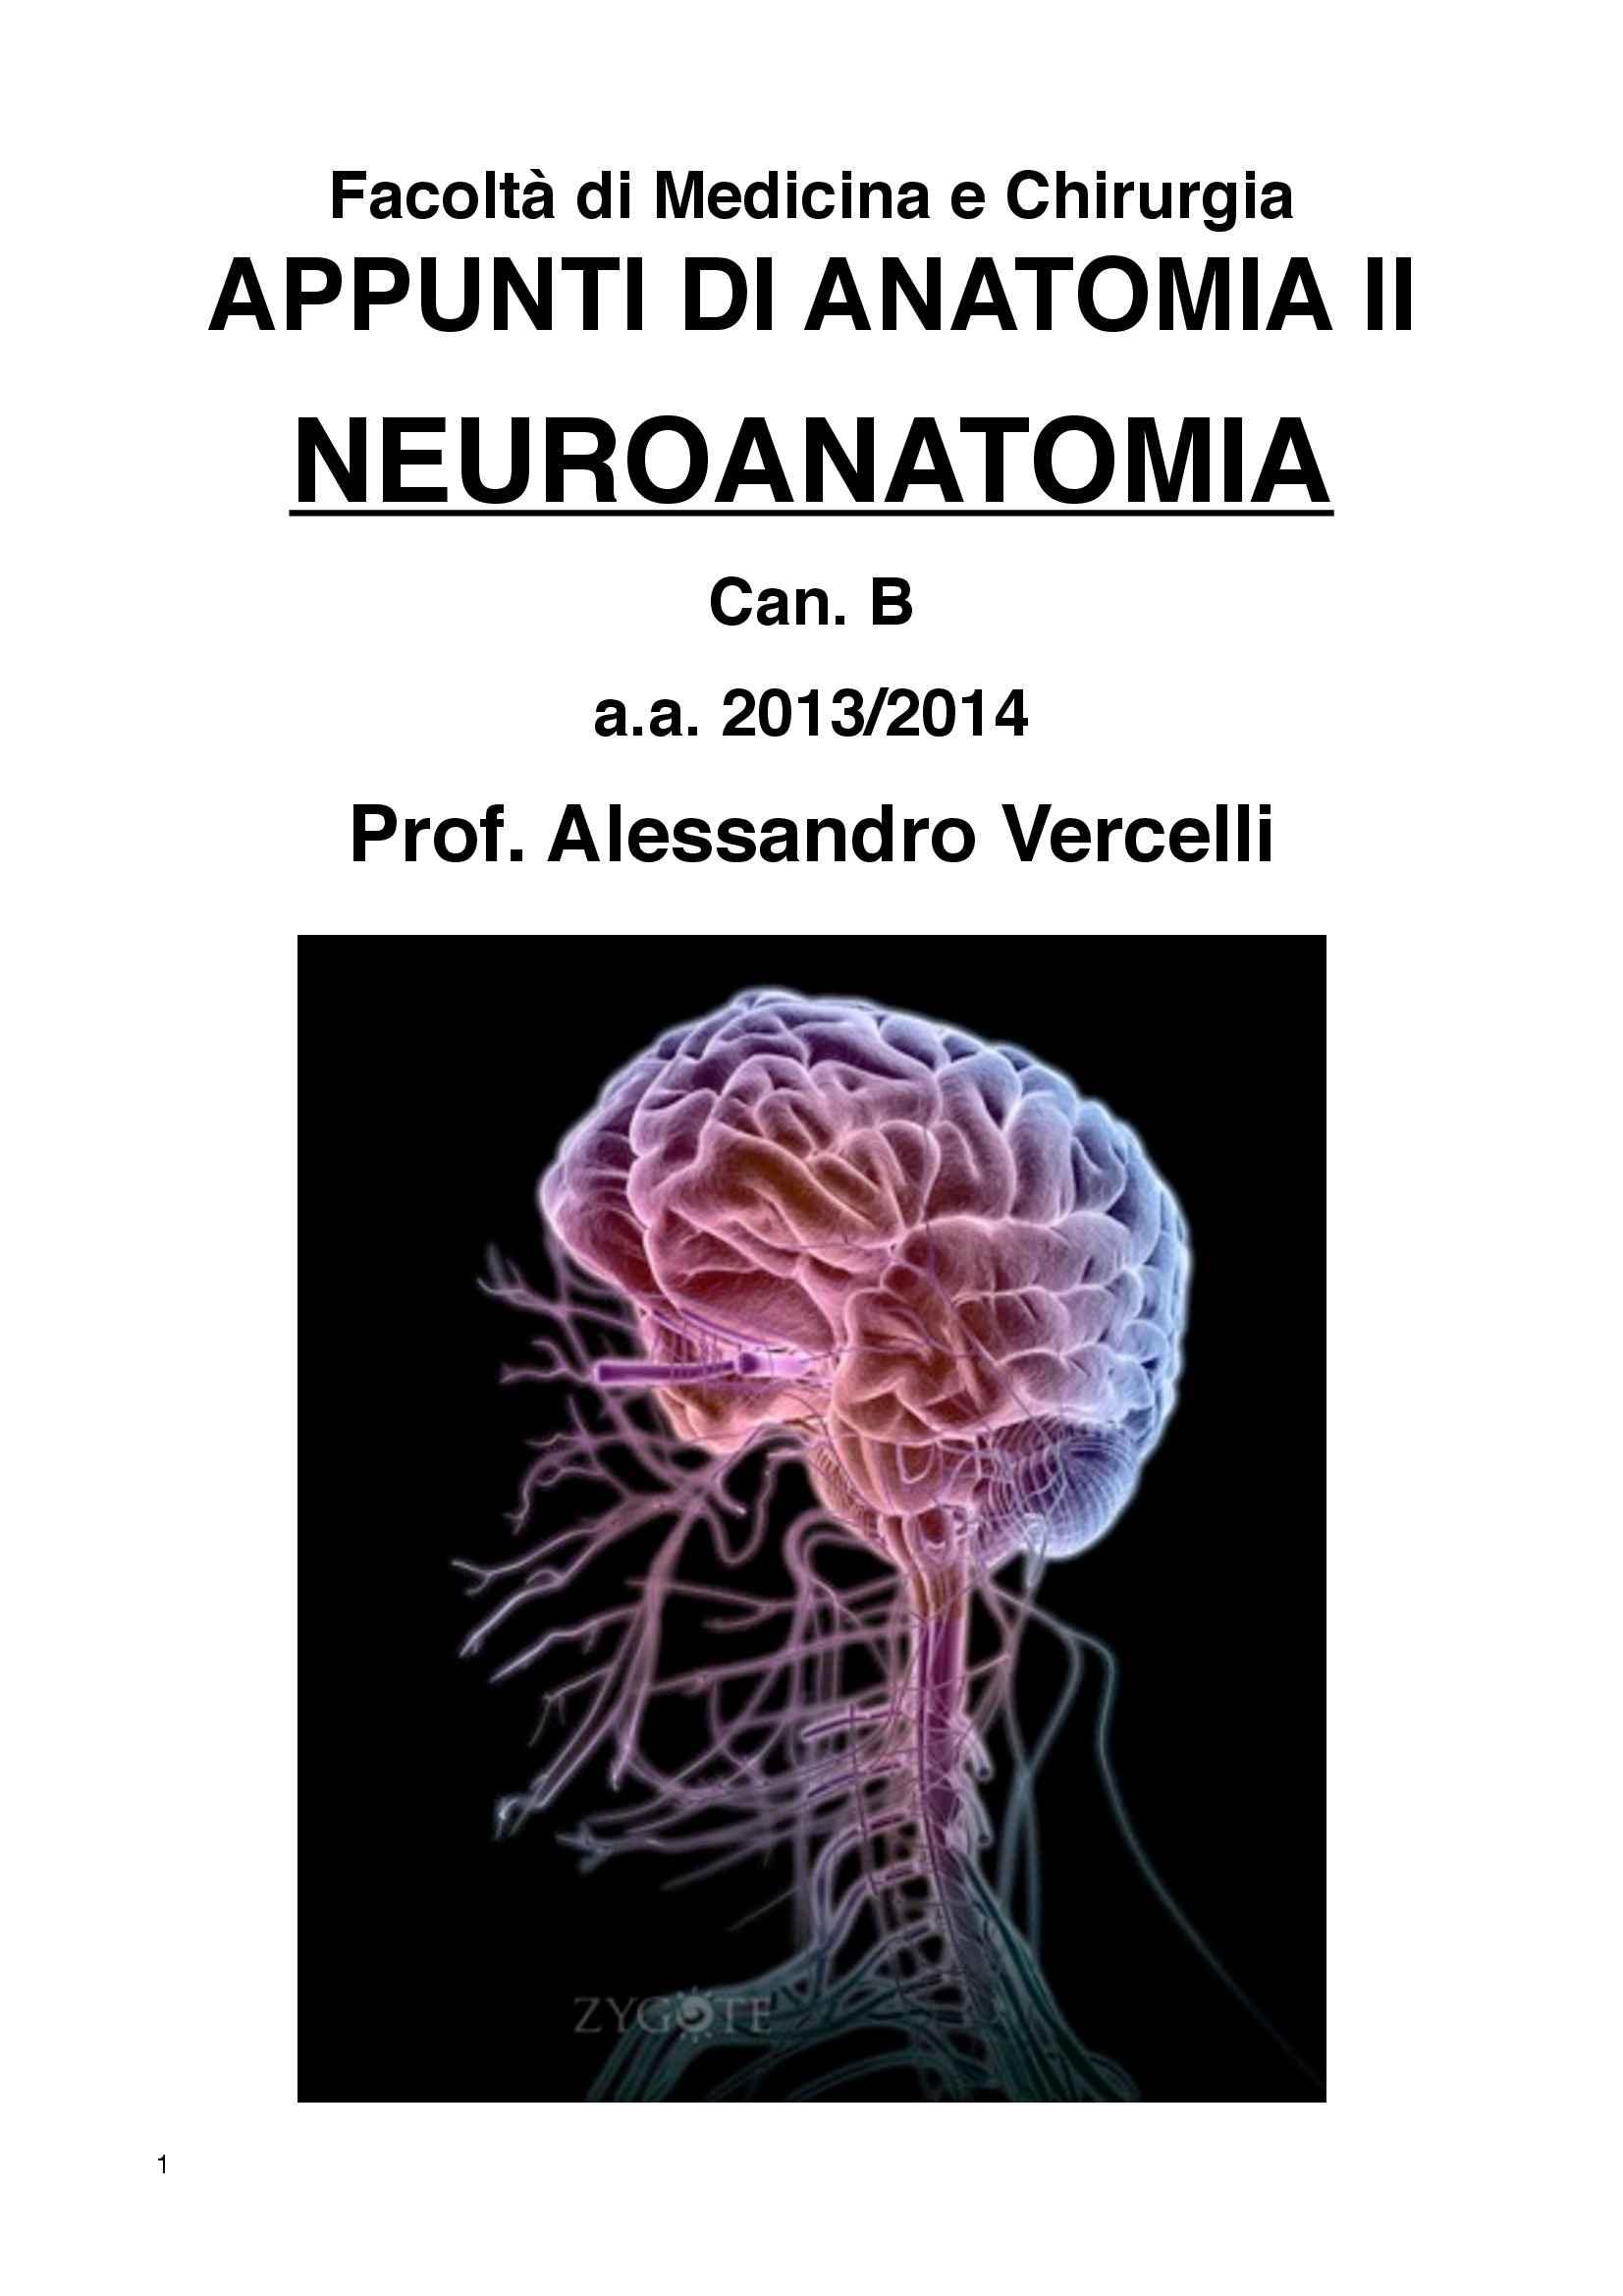 Appunti di Neuroanatomia - Anatomia II